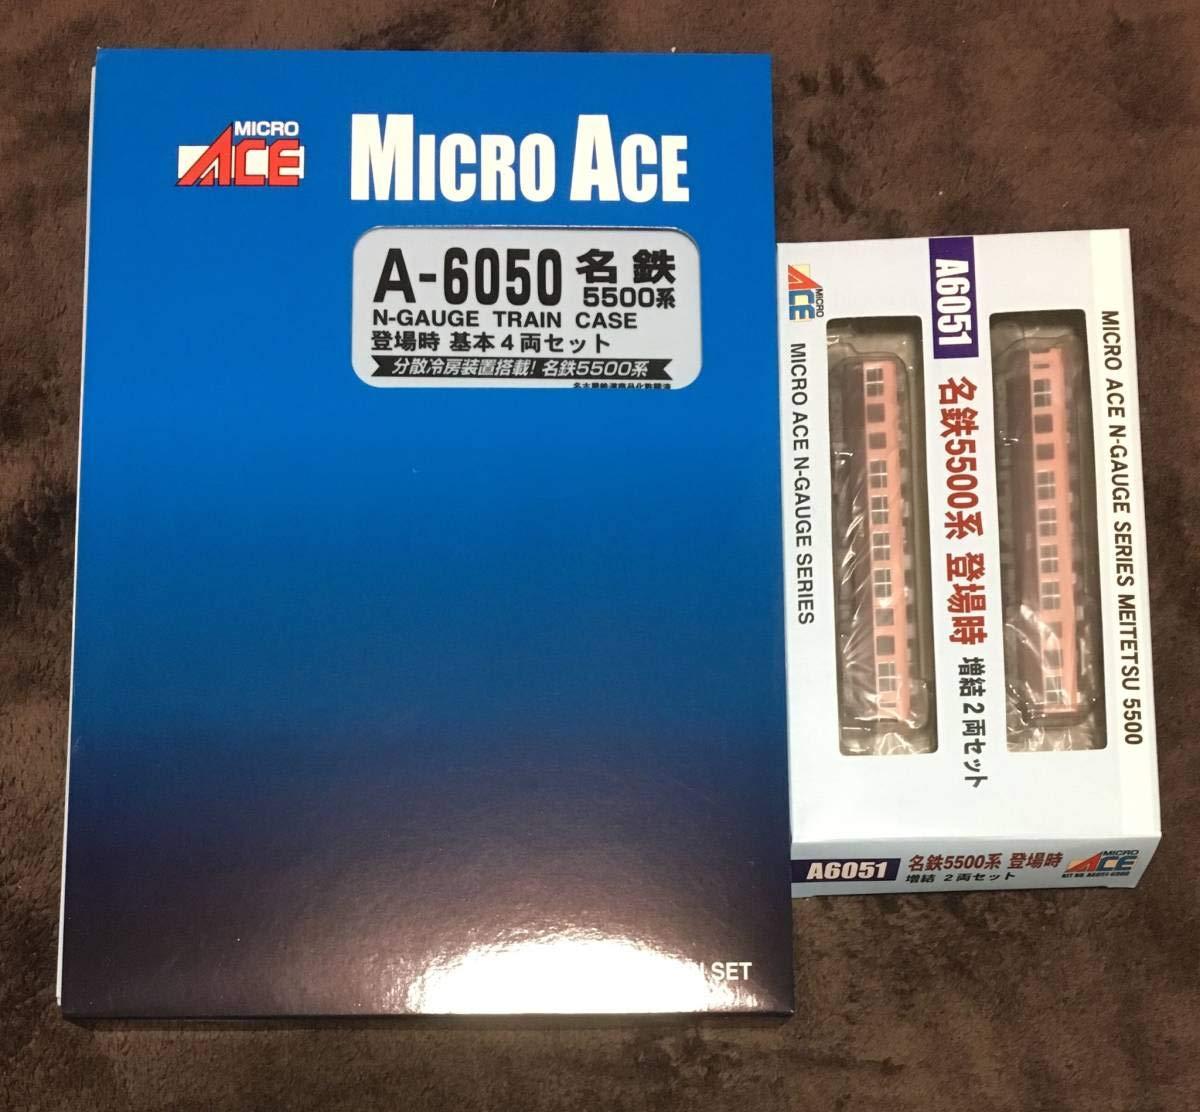 新品 MicroAce マイクロエース A-6050 名鉄 5500系 登場時 基本4両+ A-6051 名鉄 5500系 登場時 増結2両 合計6両セット B07SL94X3K